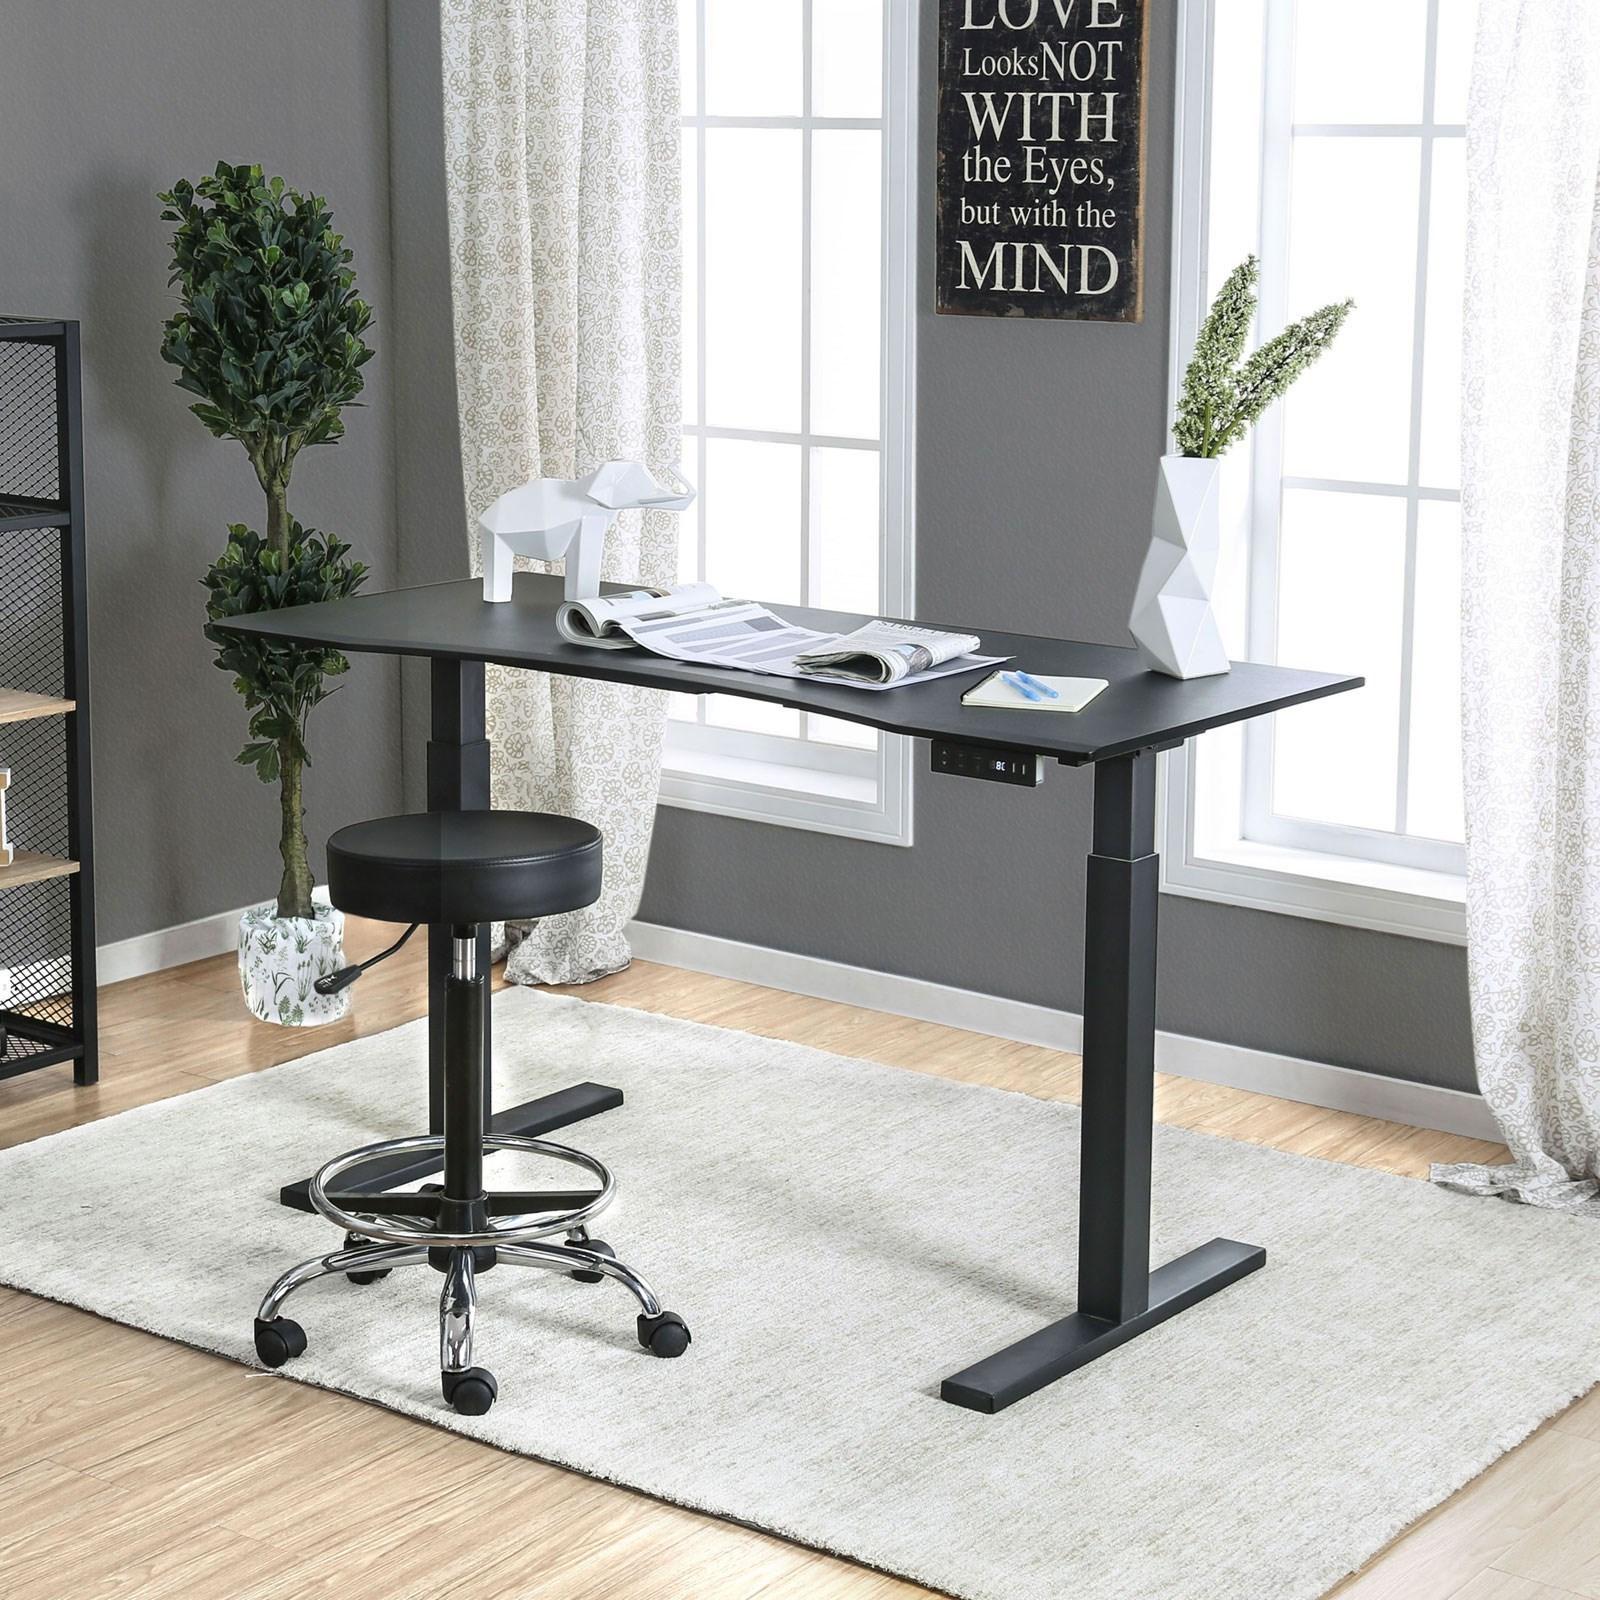 Adjustable Ht. Desk - Large